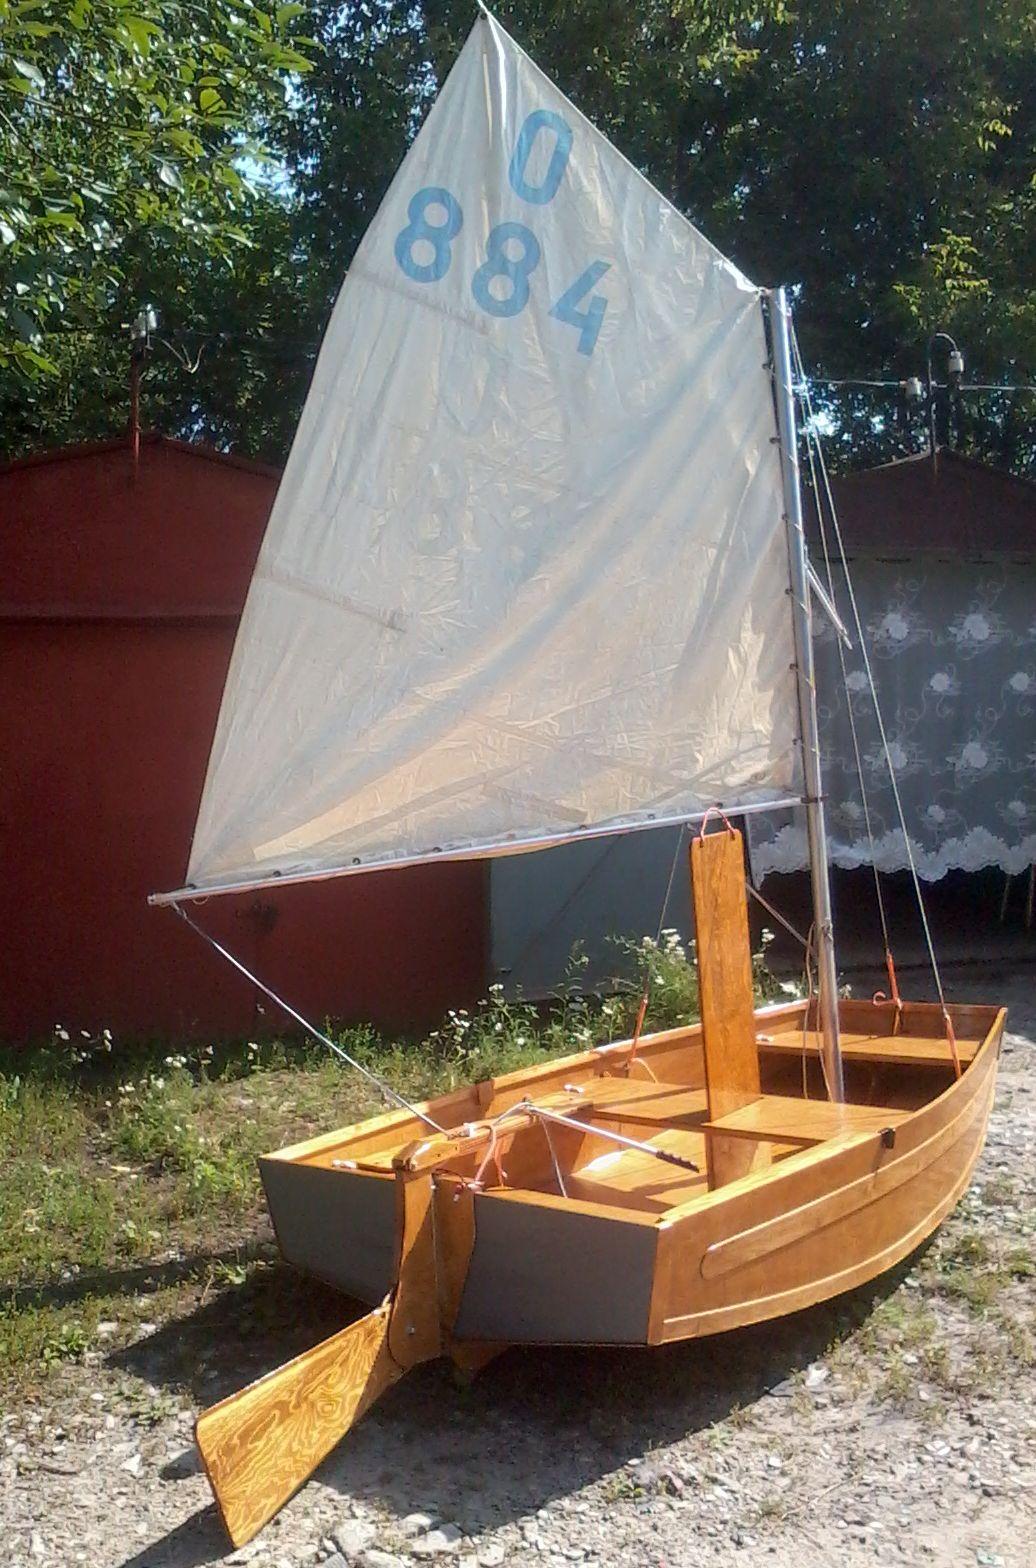 Прикажите построить для меня крепкую лодку с парусом